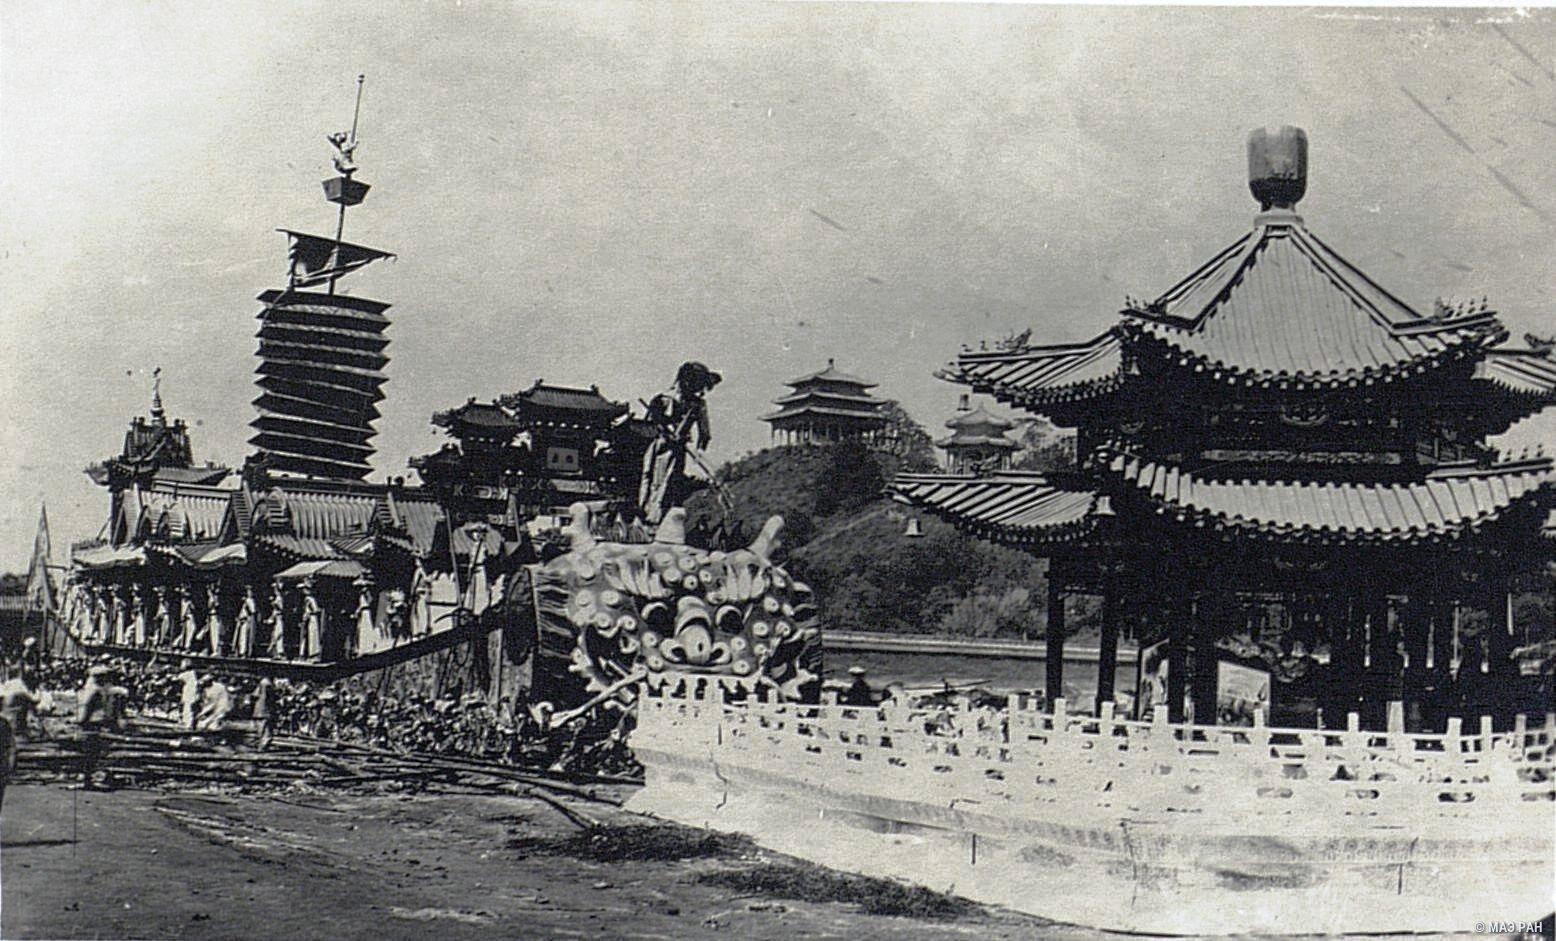 Бумажная лодка-дракон, сожженная после смерти императора Гуаньсюя